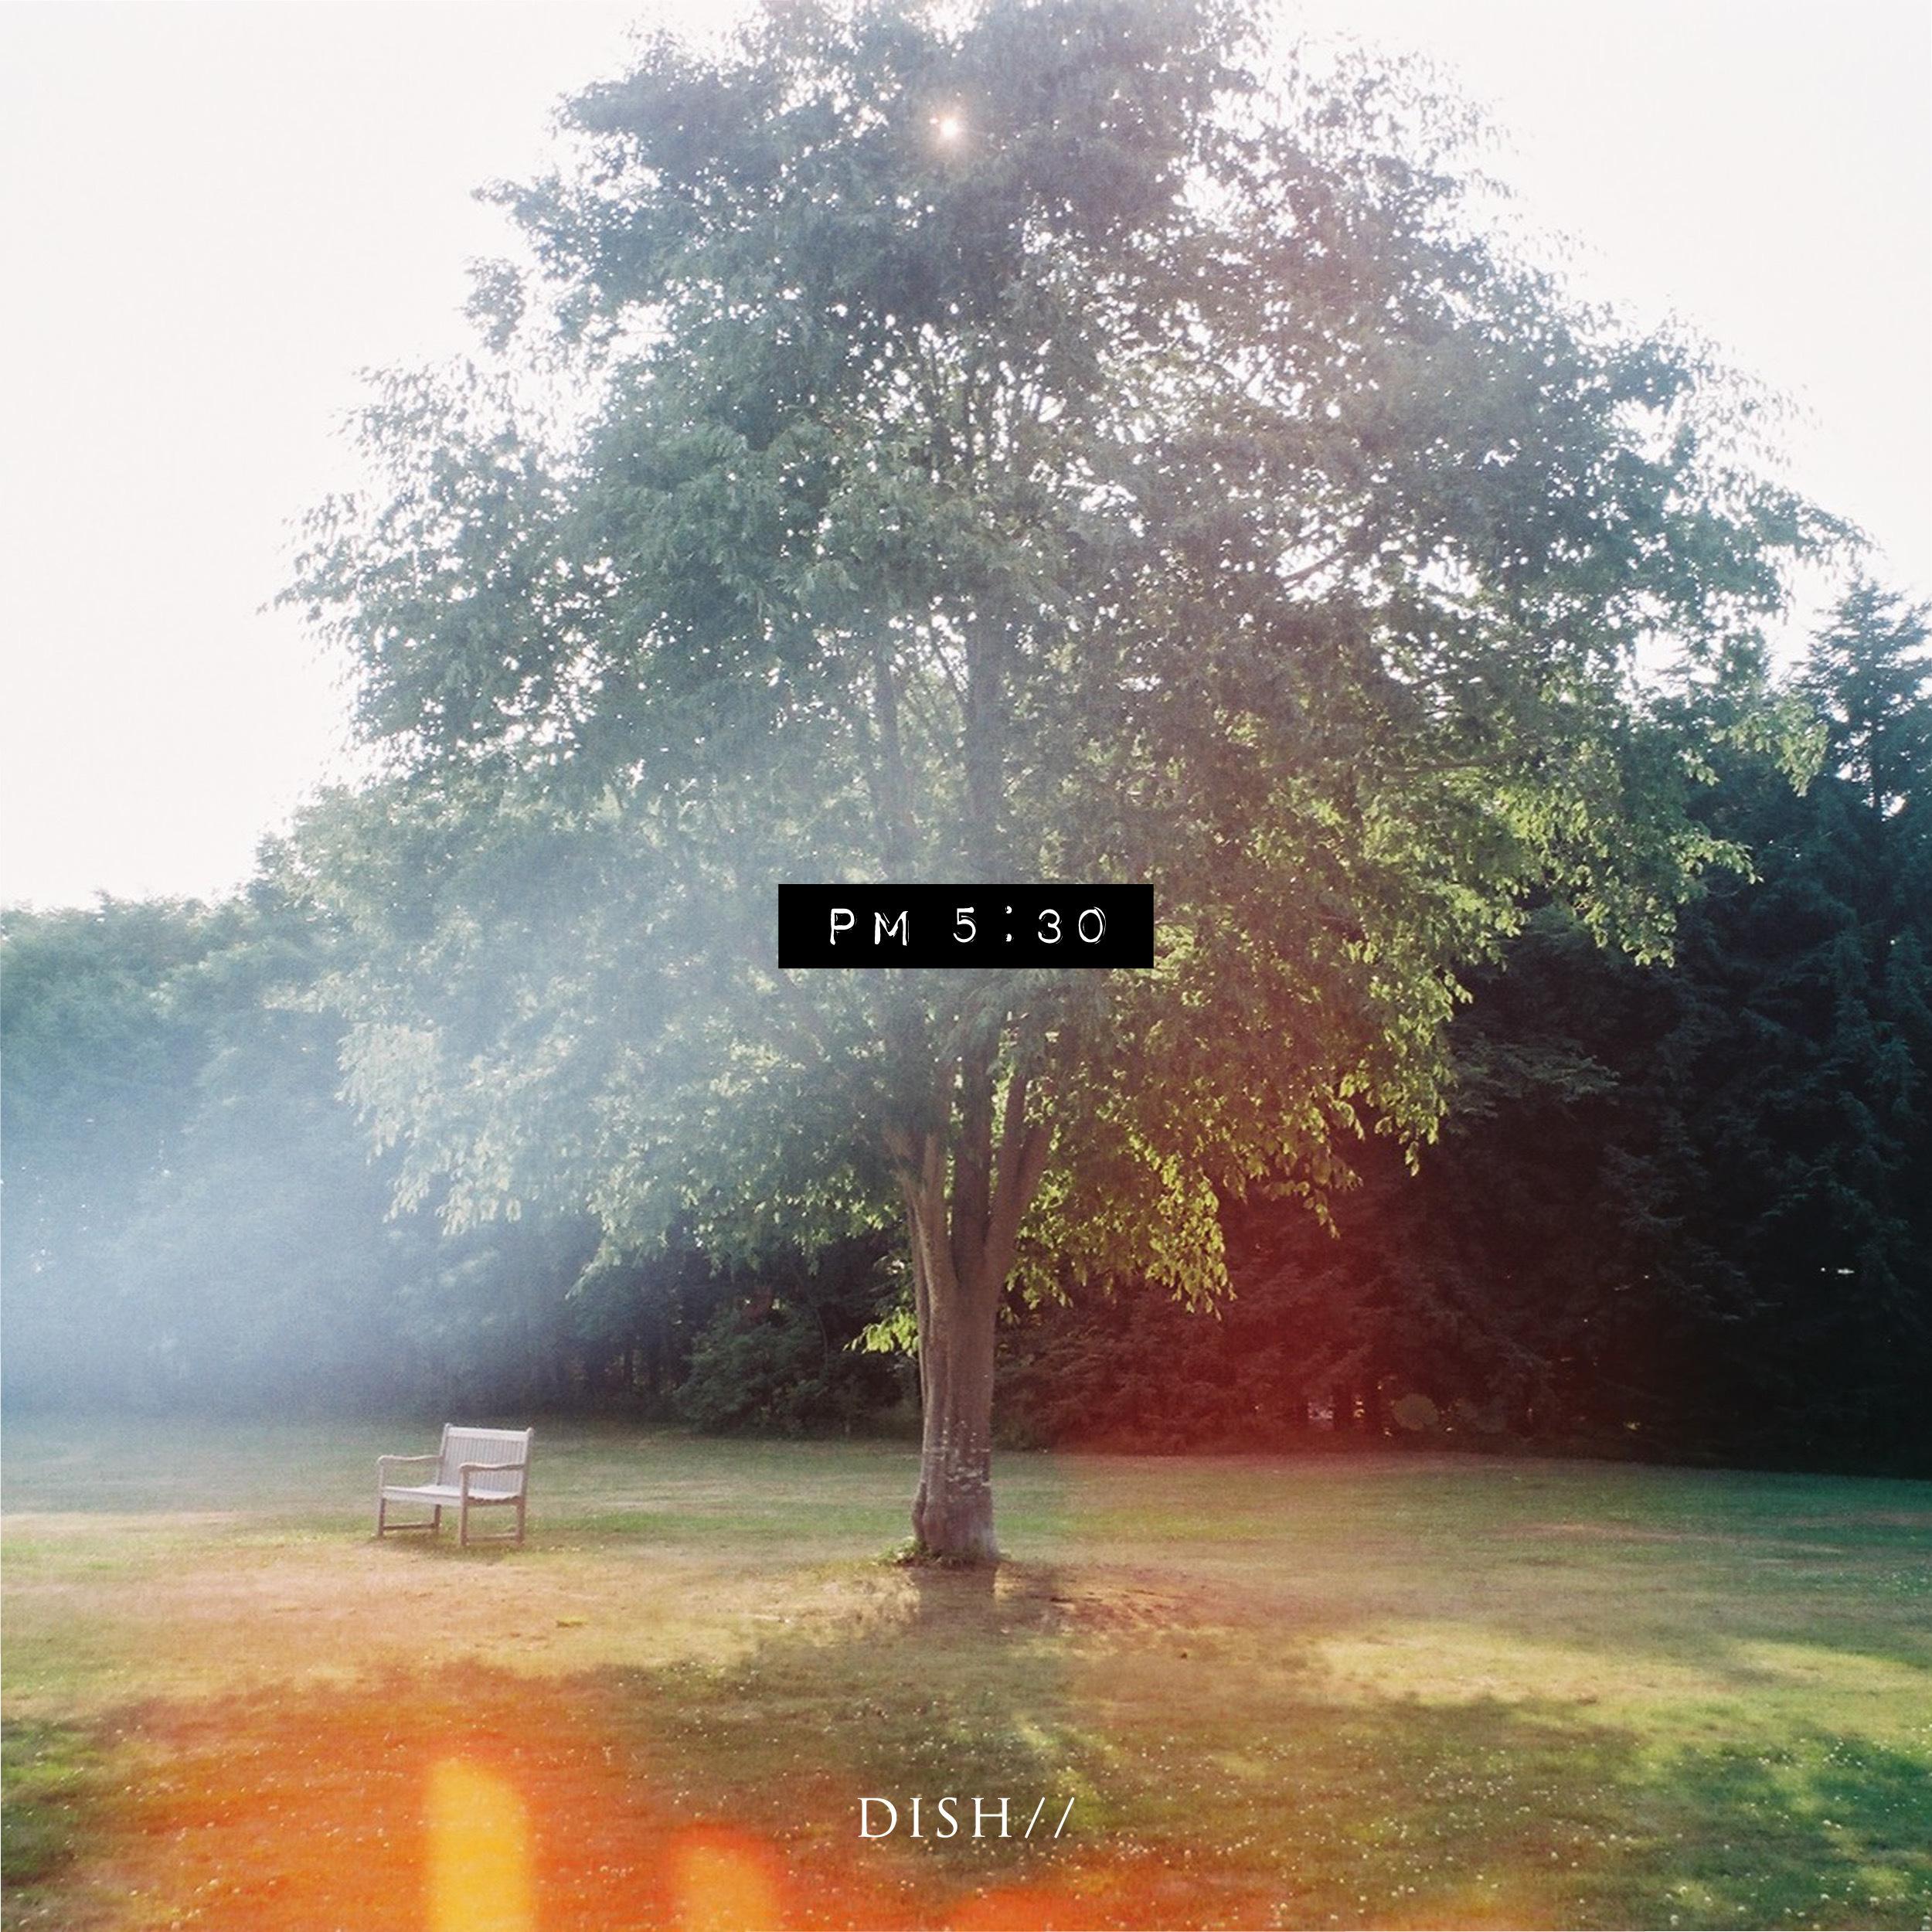 DISH//「PM 5:30」